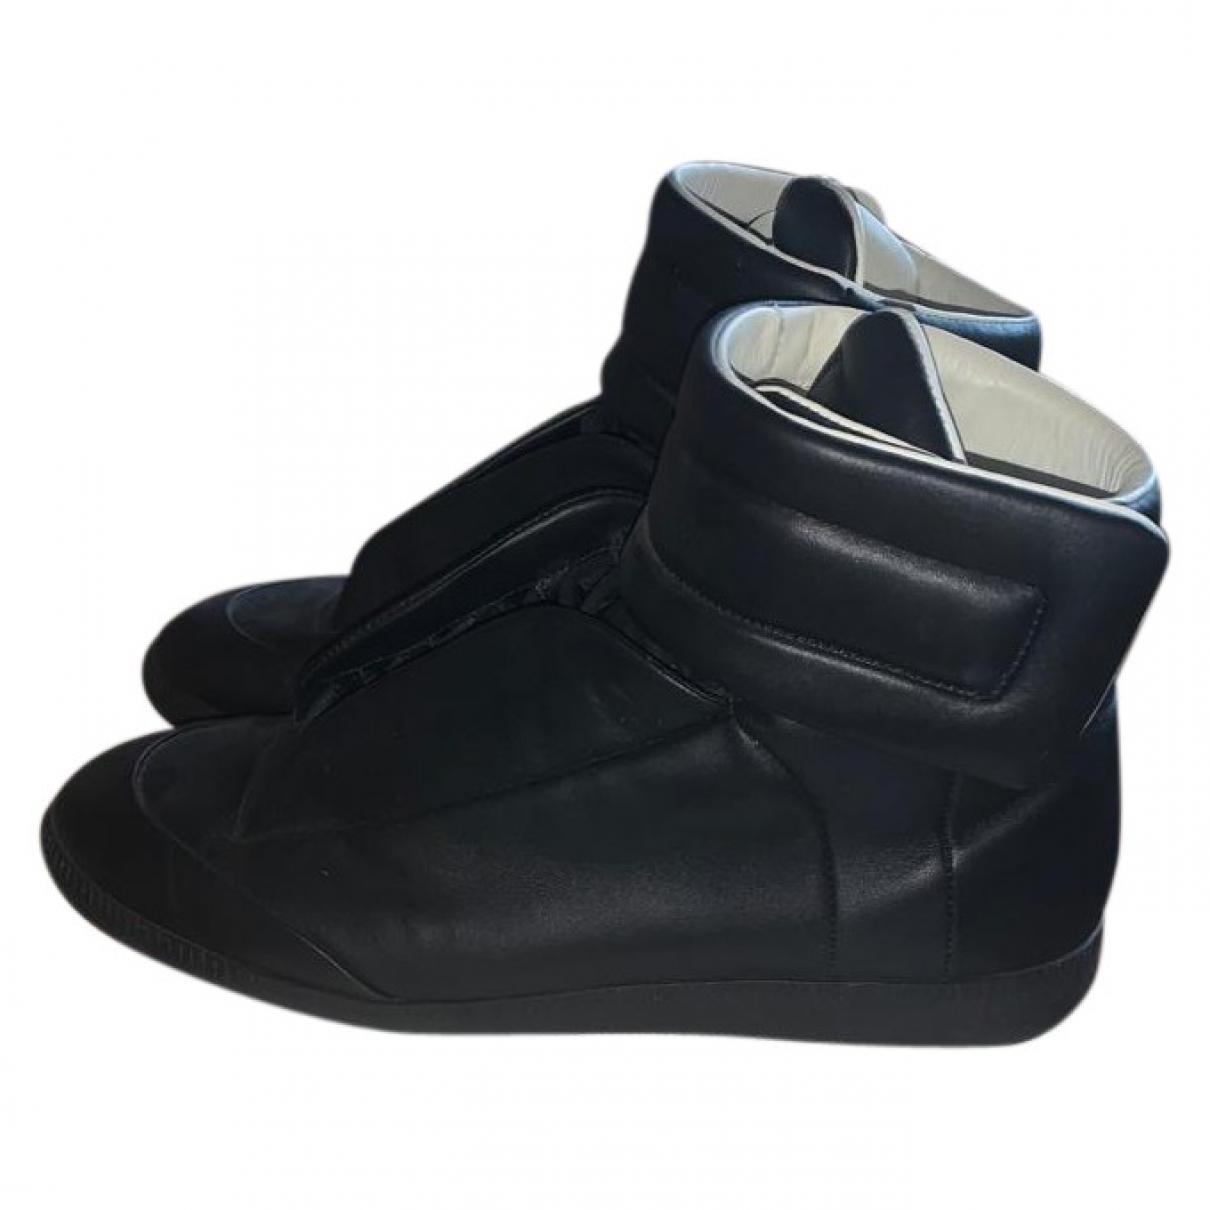 Maison Martin Margiela - Baskets   pour homme en cuir - noir